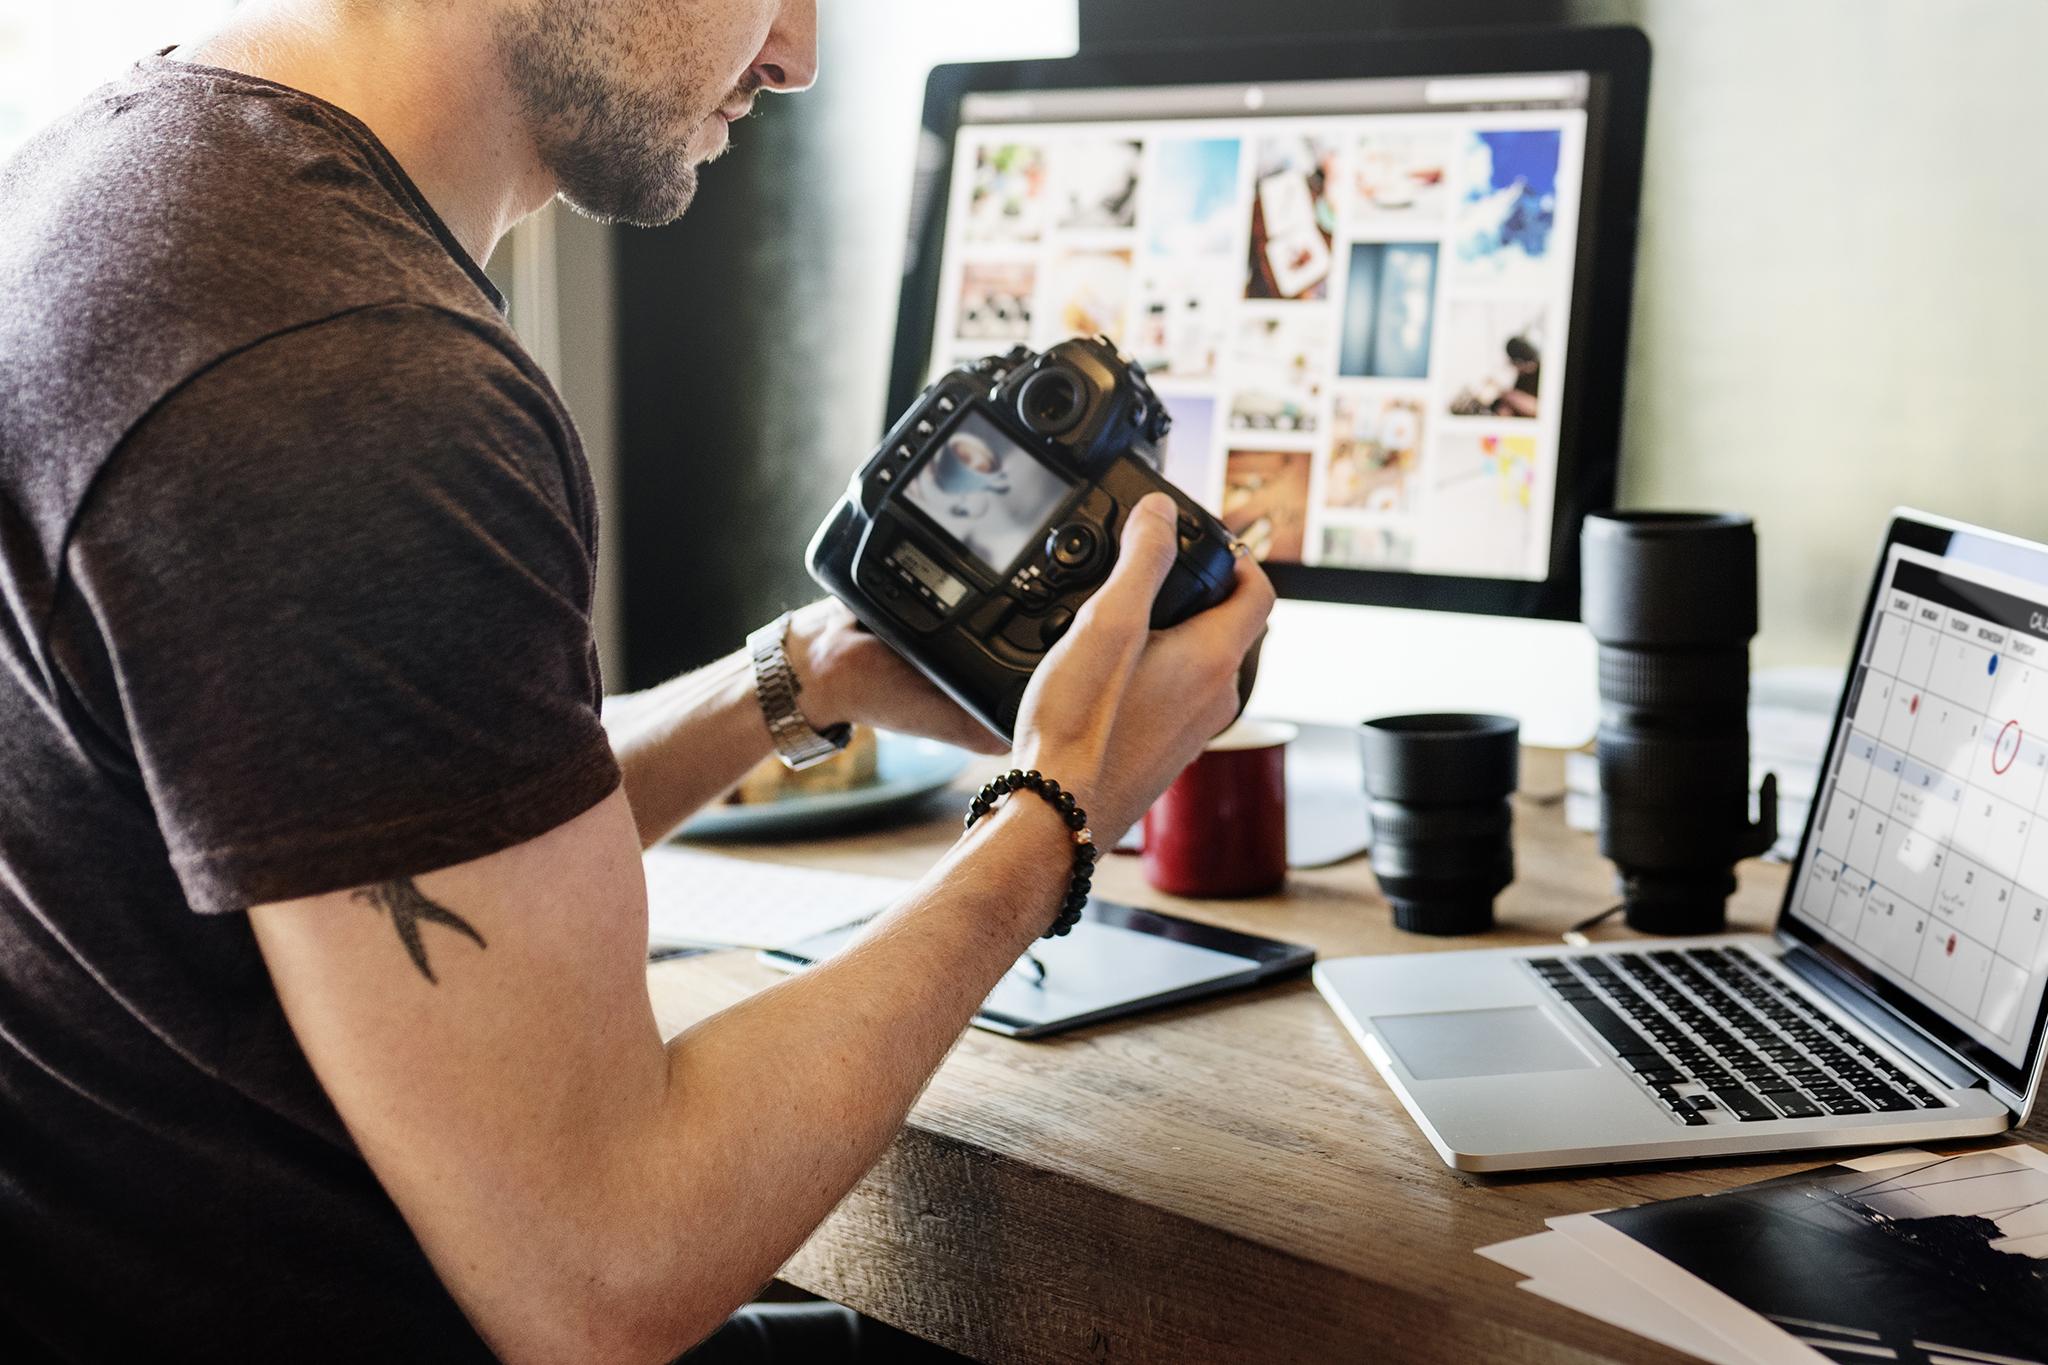 Печать фотографий как бизнес это даже